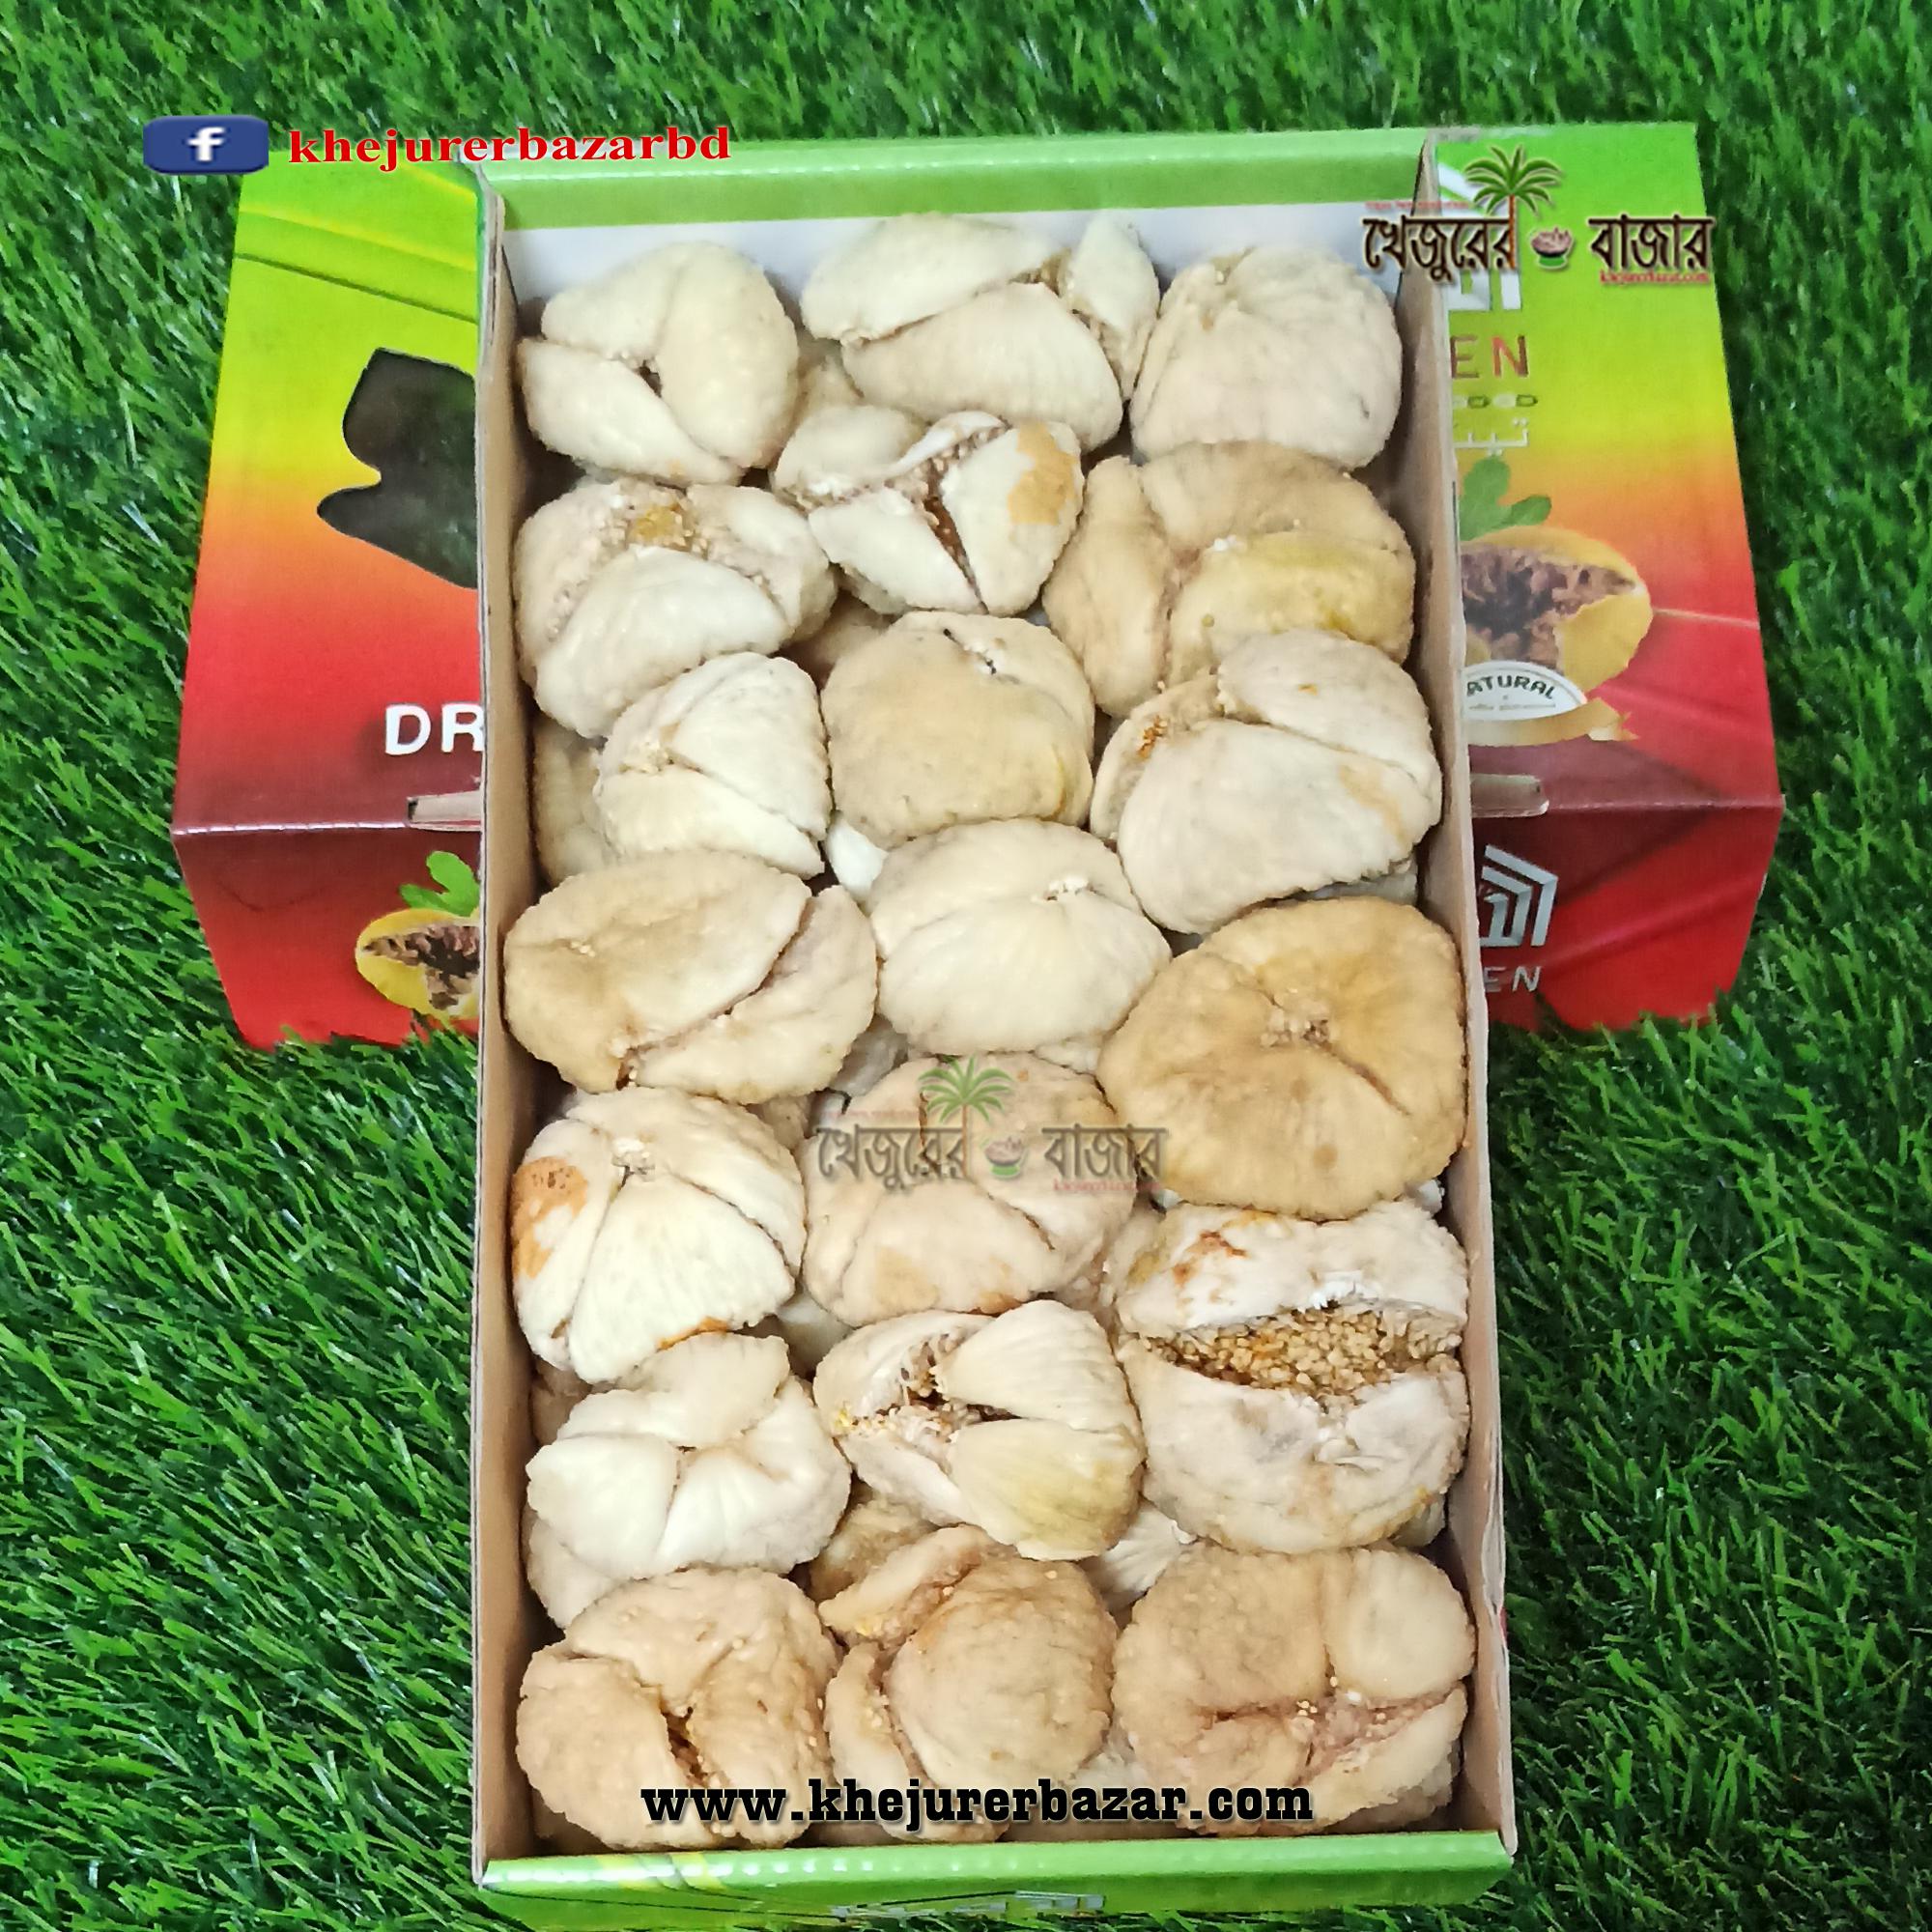 """কুরআনে বর্ণিত """"তীন ফল-khejurerbazar.com Dried fig"""